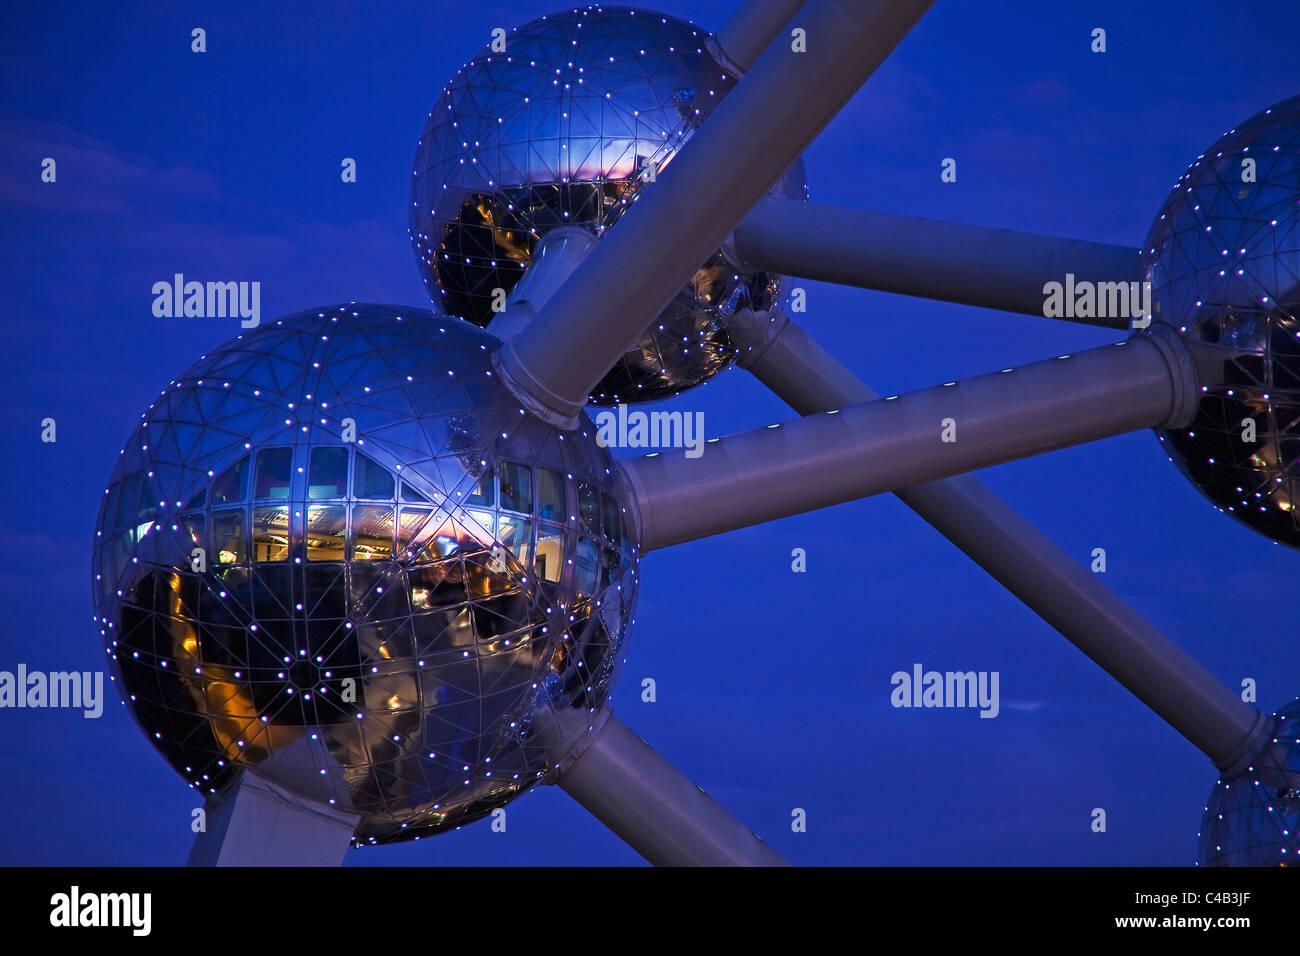 The Atomium,Grimbergen, Strombeek-Bever, Belgium - Stock Image